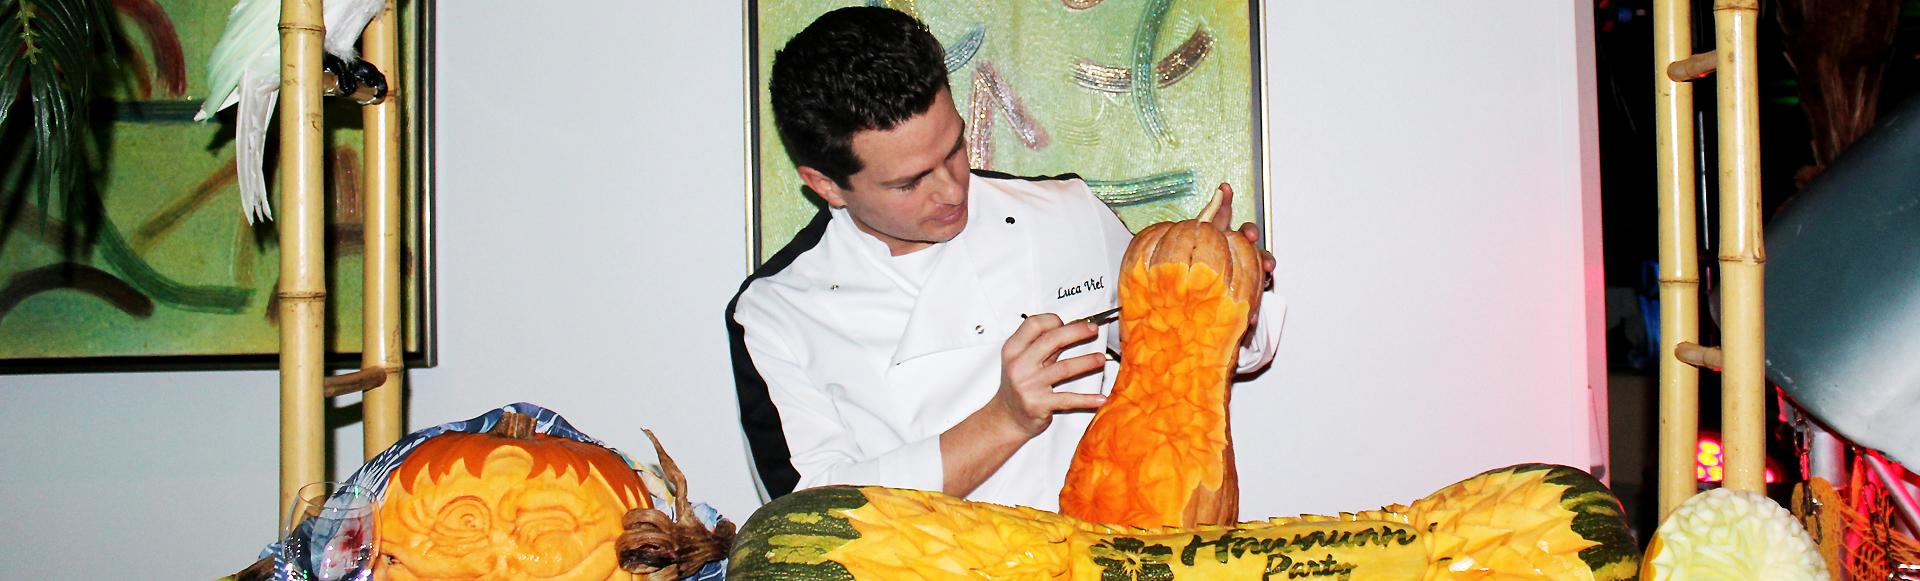 Corsi professionali di intaglio frutta e verdura con tecnica thailandese